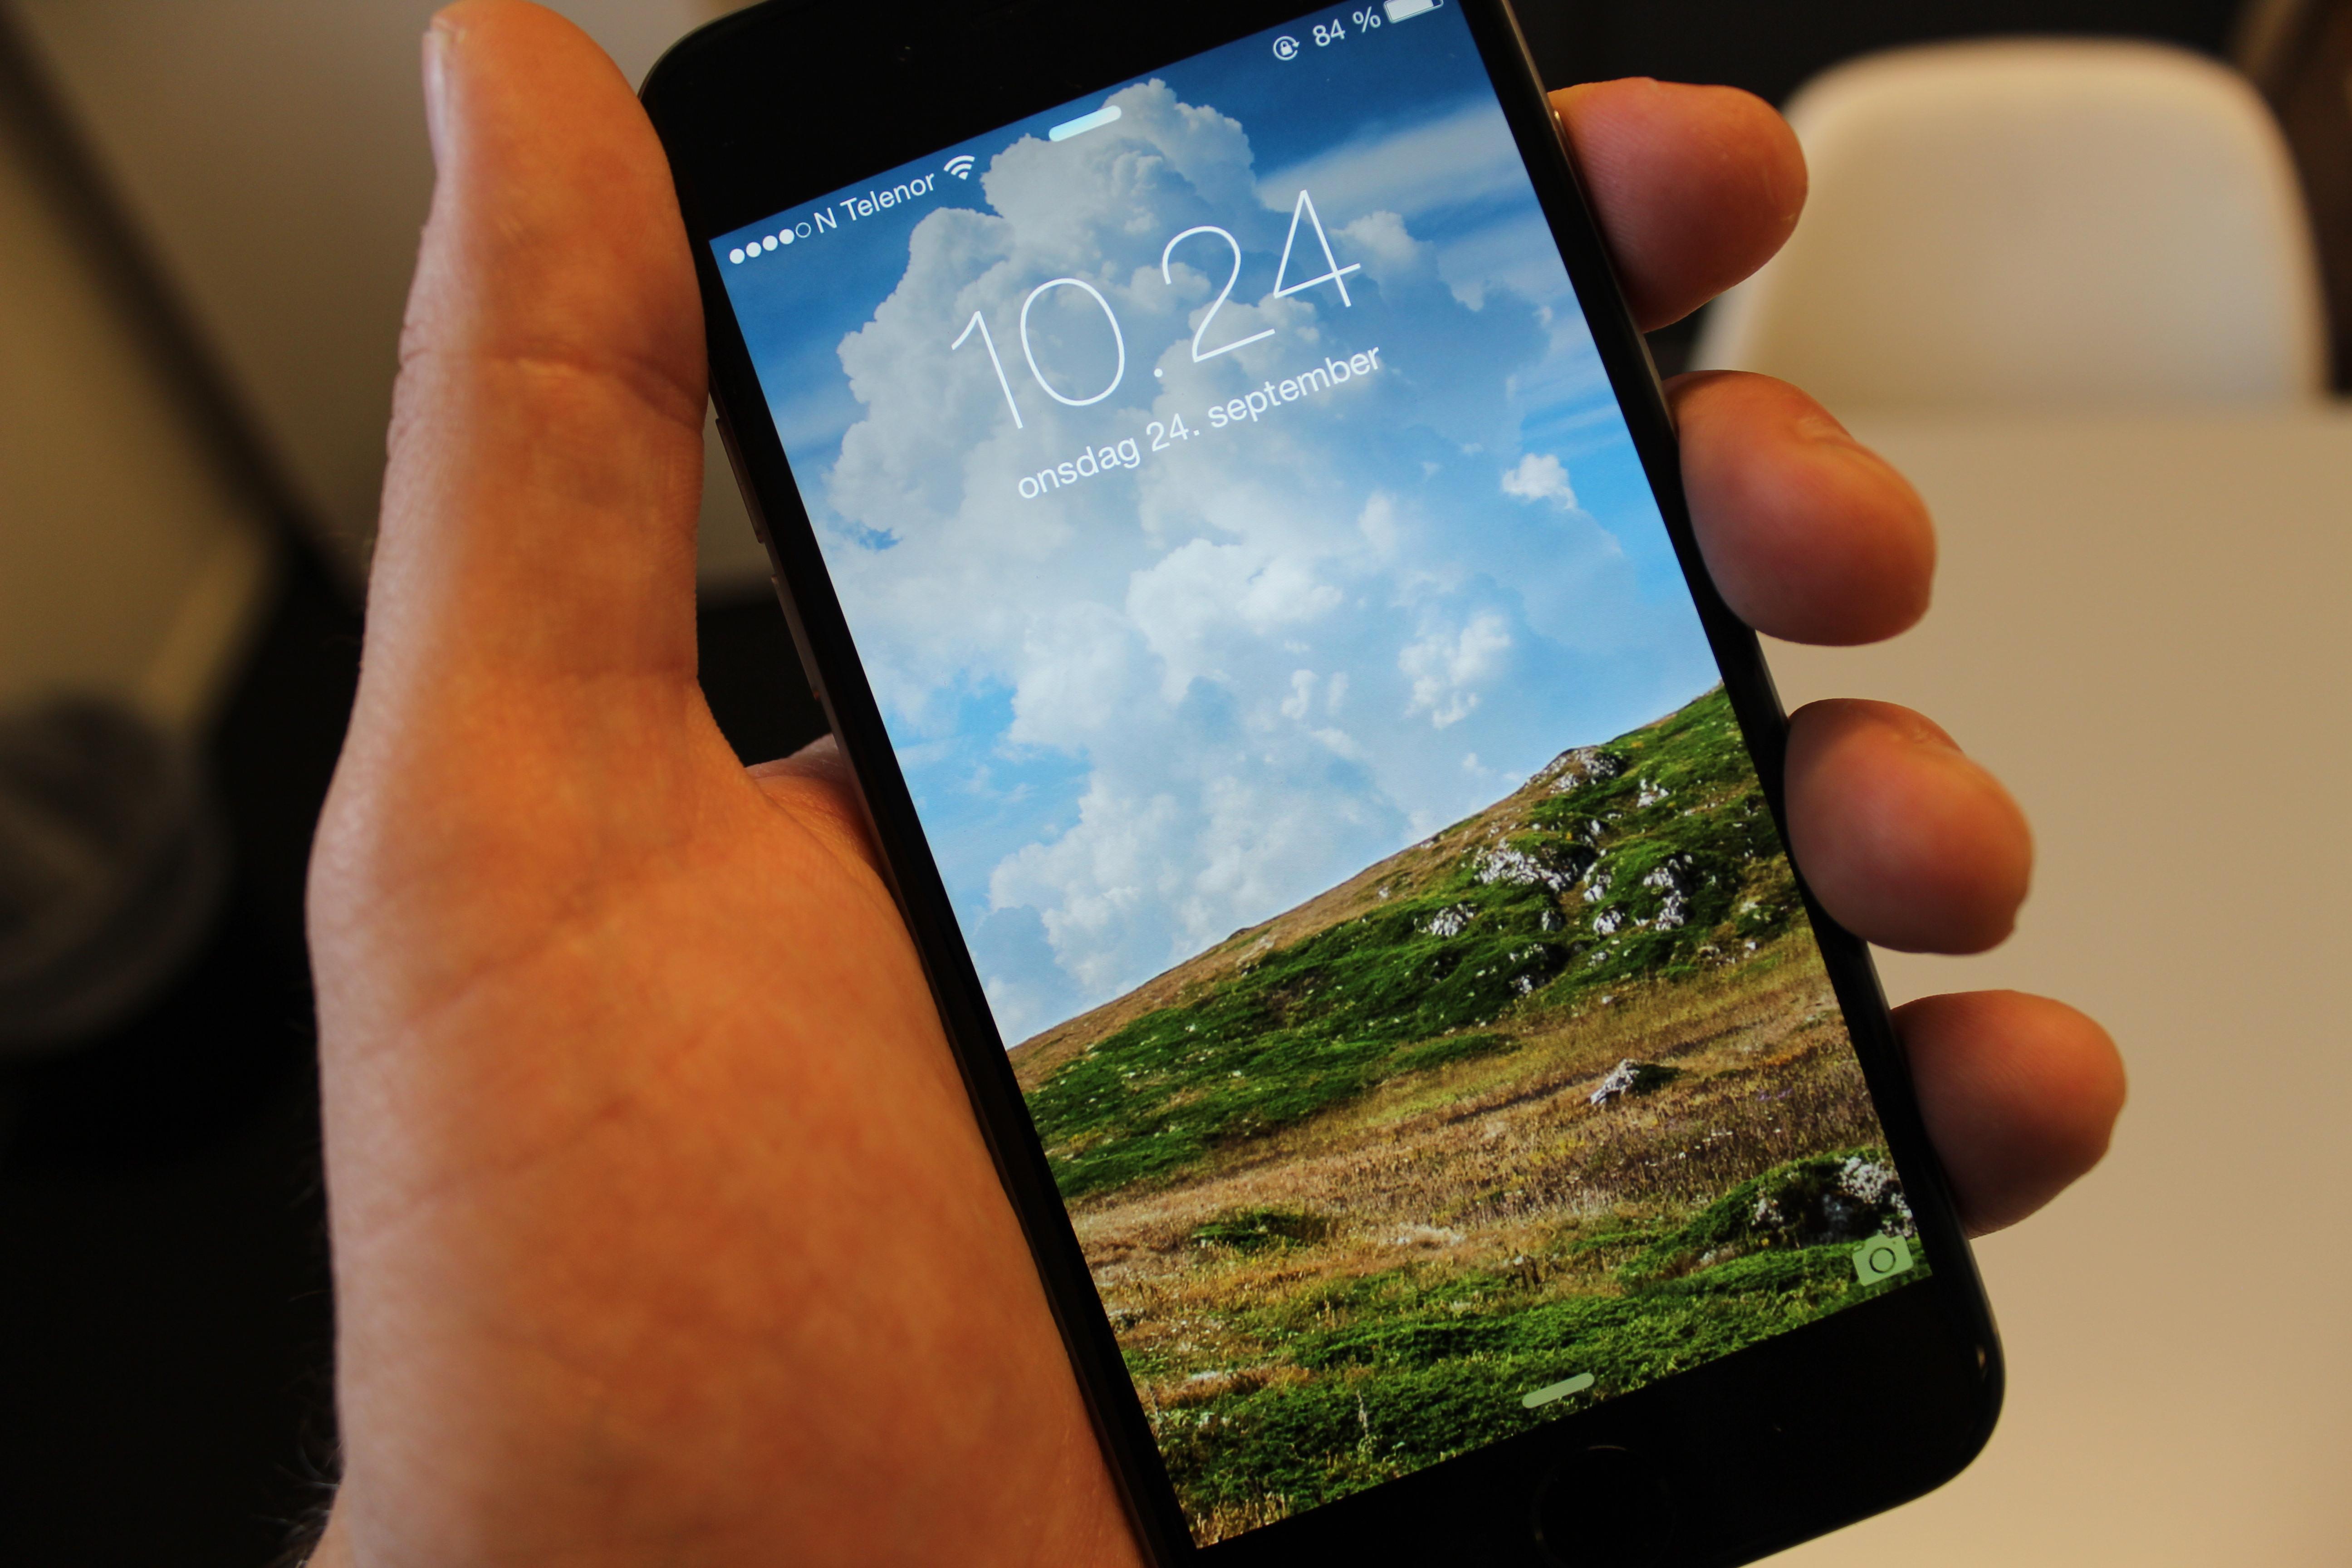 Flere iPhone 6s-enheter kan være rammet av feil.